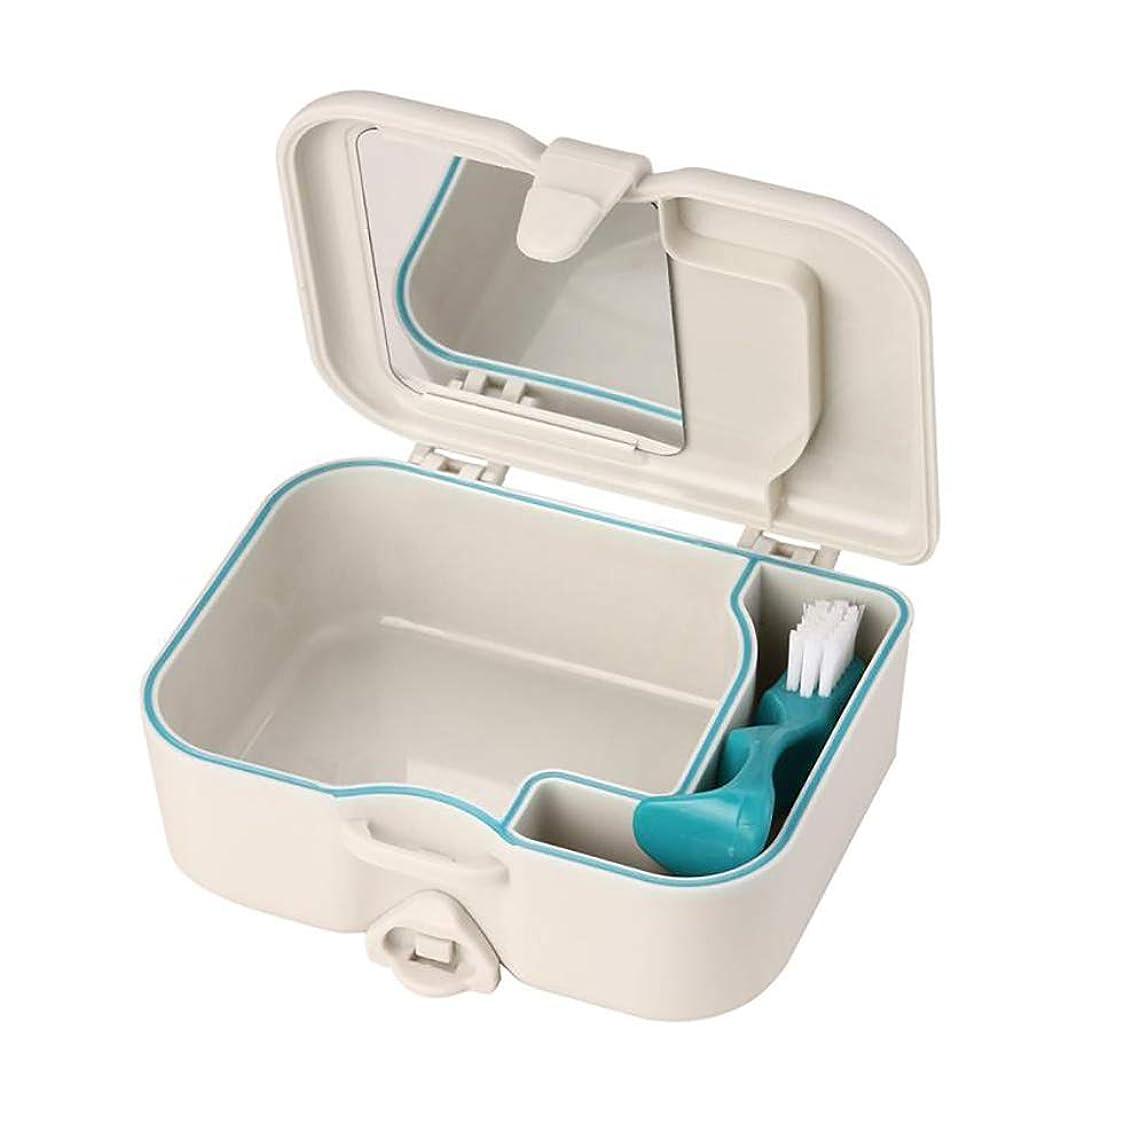 小競り合いもつれ気を散らすCozyswan 義歯用収納ボックス 鏡とブラシ付 ポータブル 取り外し可能 お手入れ簡単 抗菌 防水加工 漏れ防止 家庭 旅行 出張 携帯便利